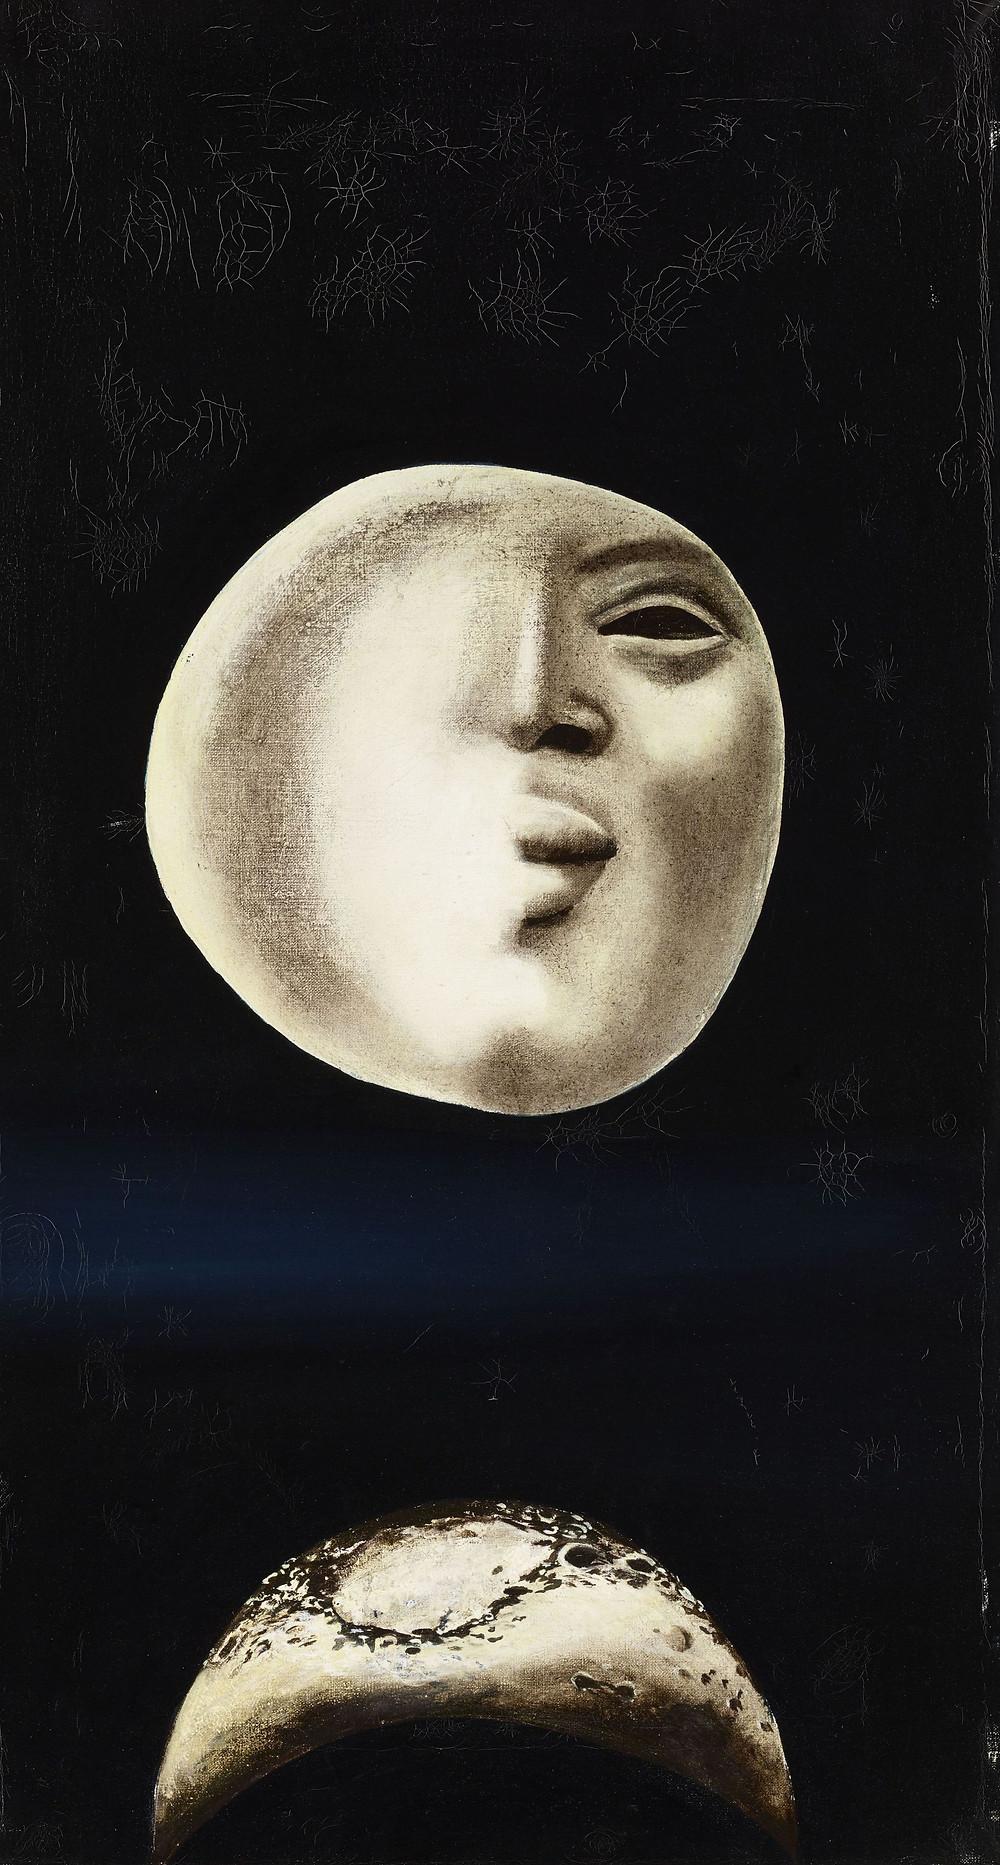 Ország Lili: Holdak, 1957. Olaj, vászon, 45 x 25 cm. Győr Megyei Jogú Város Önkormányzata, Vasilescu-gyűjtemény